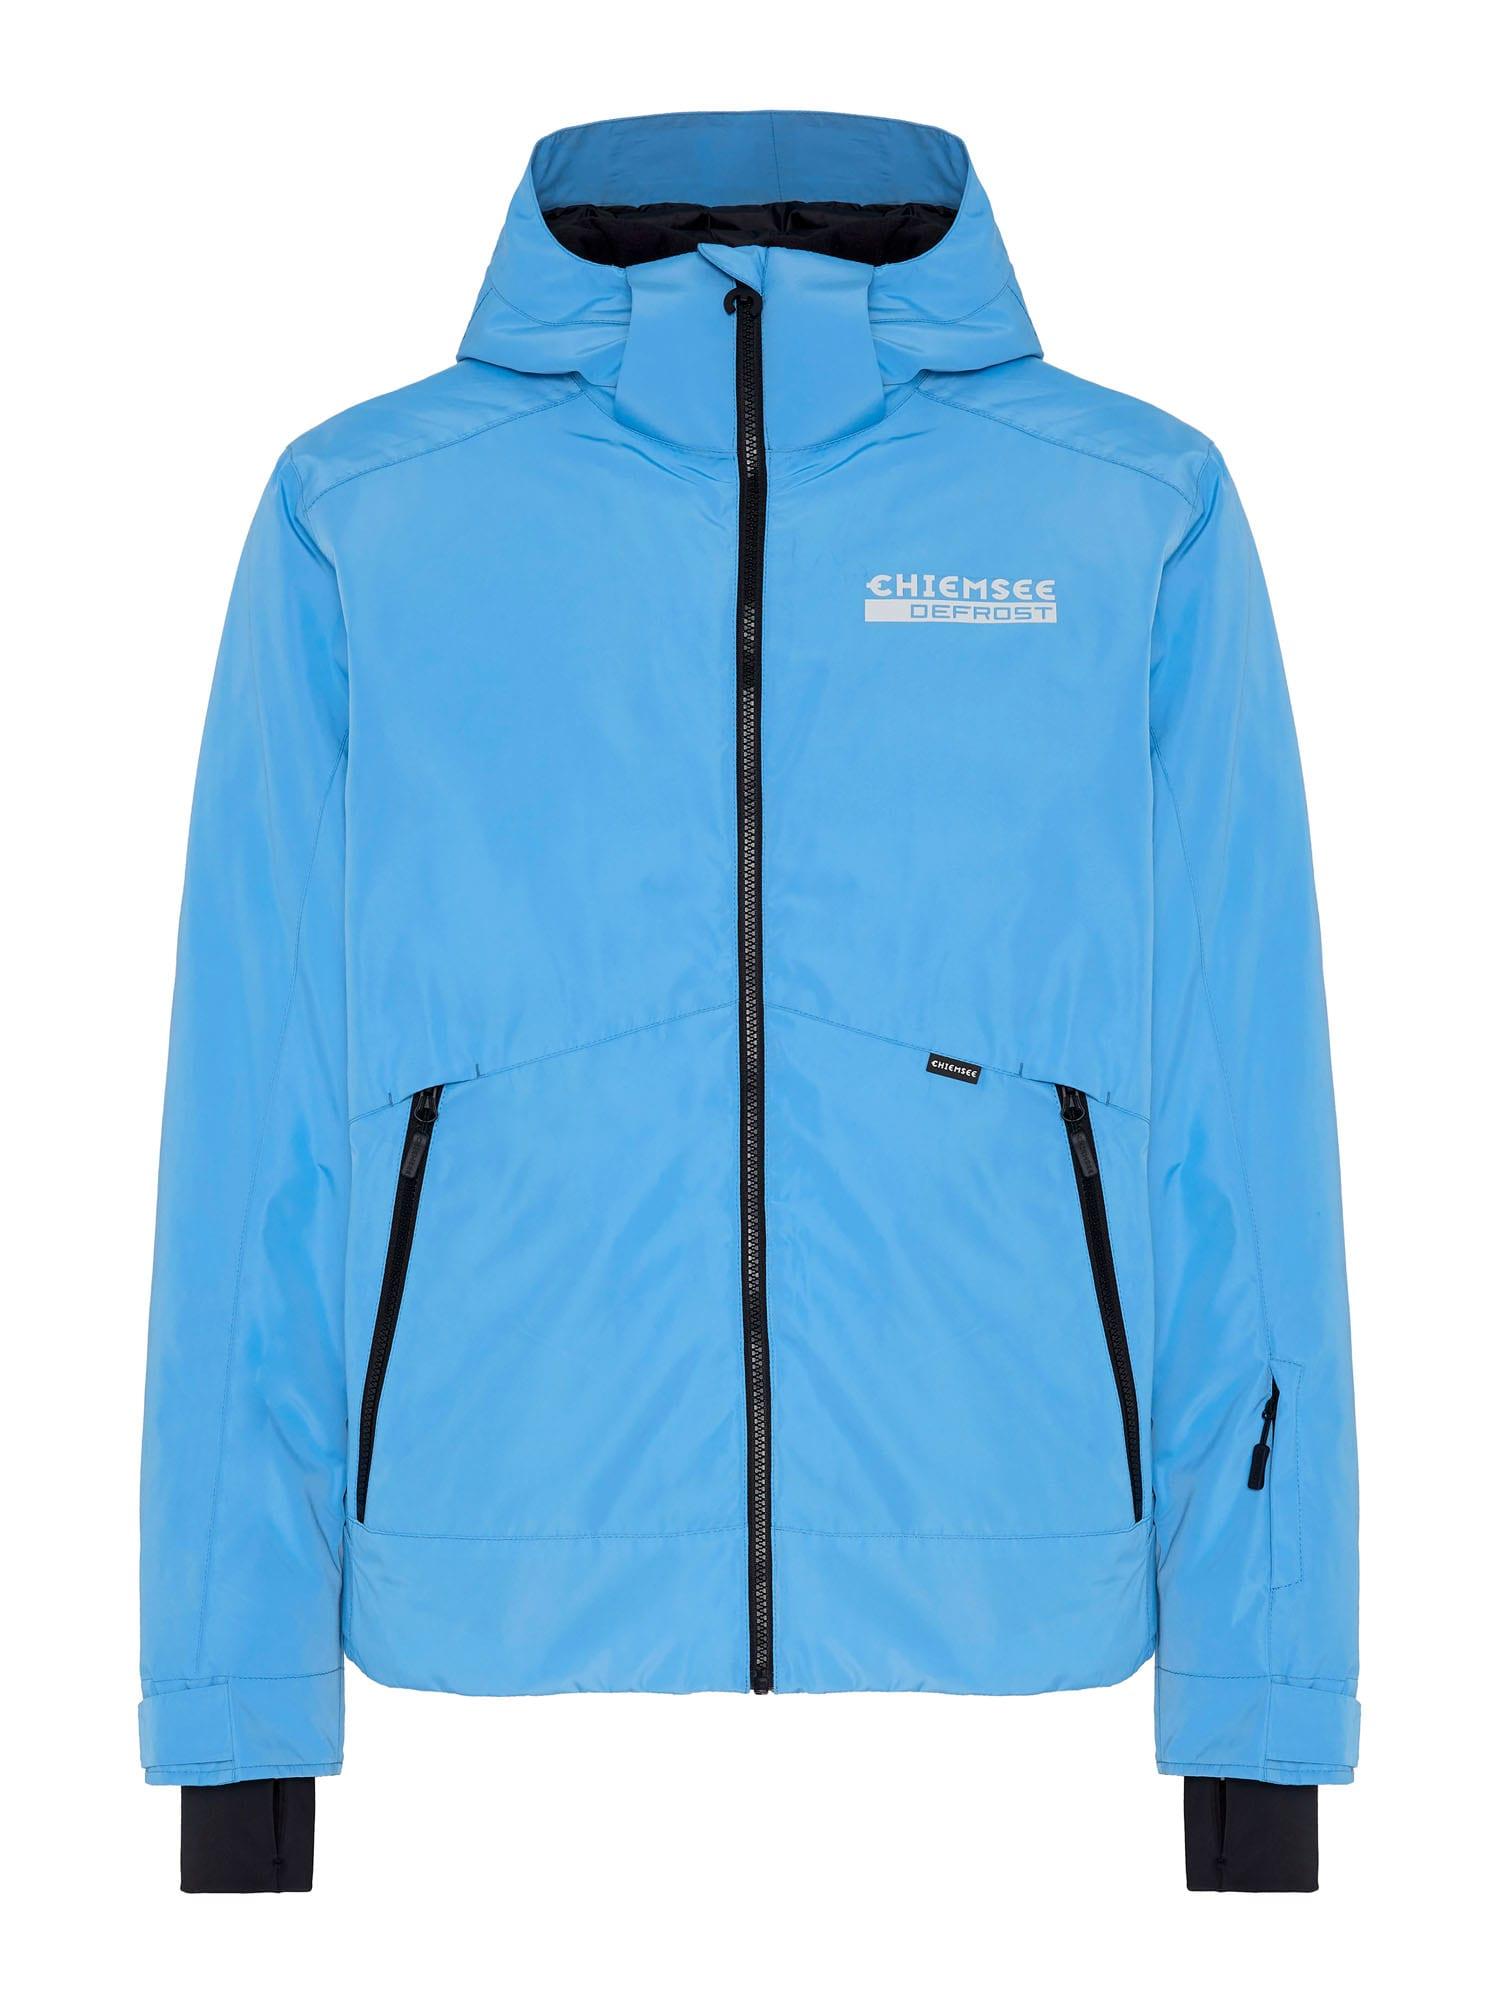 CHIEMSEE Outdoorová bunda  nebeská modř / černá / bílá